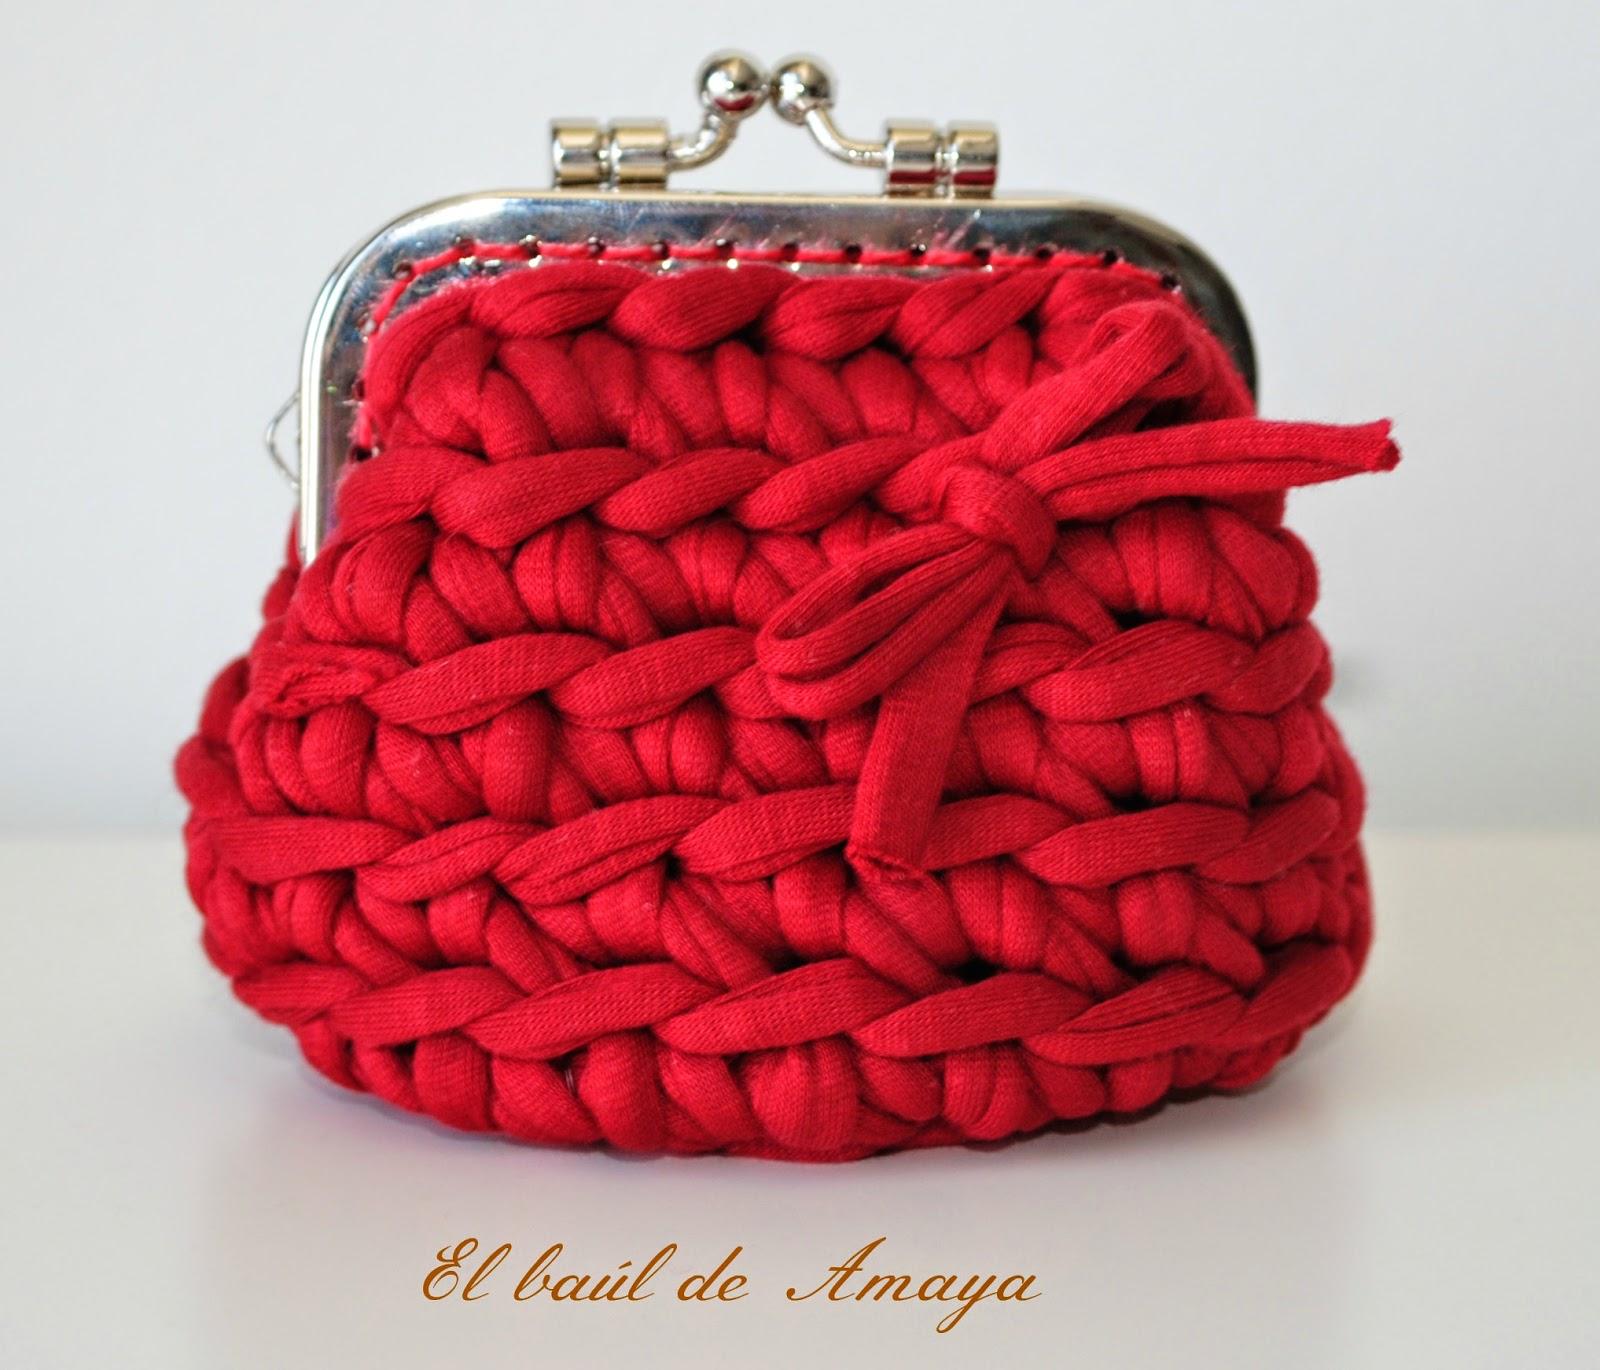 Monedero con boquilla de trapillo rojo mon petit crochet - Como hacer bolsos con salvamanteles ...